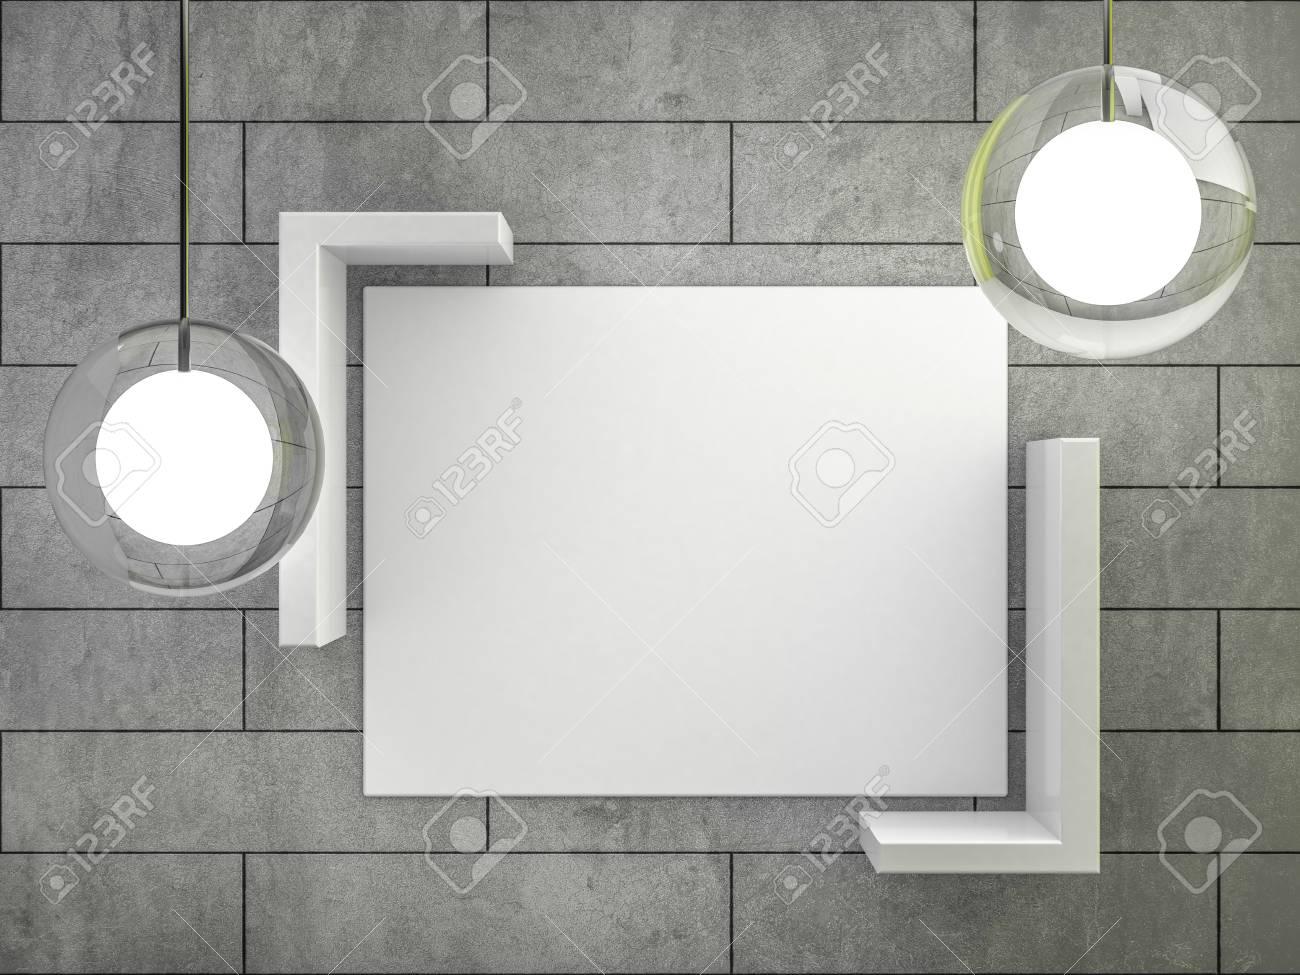 Asombroso Marco De Imagen Blanca 10x13 Imágenes - Ideas ...